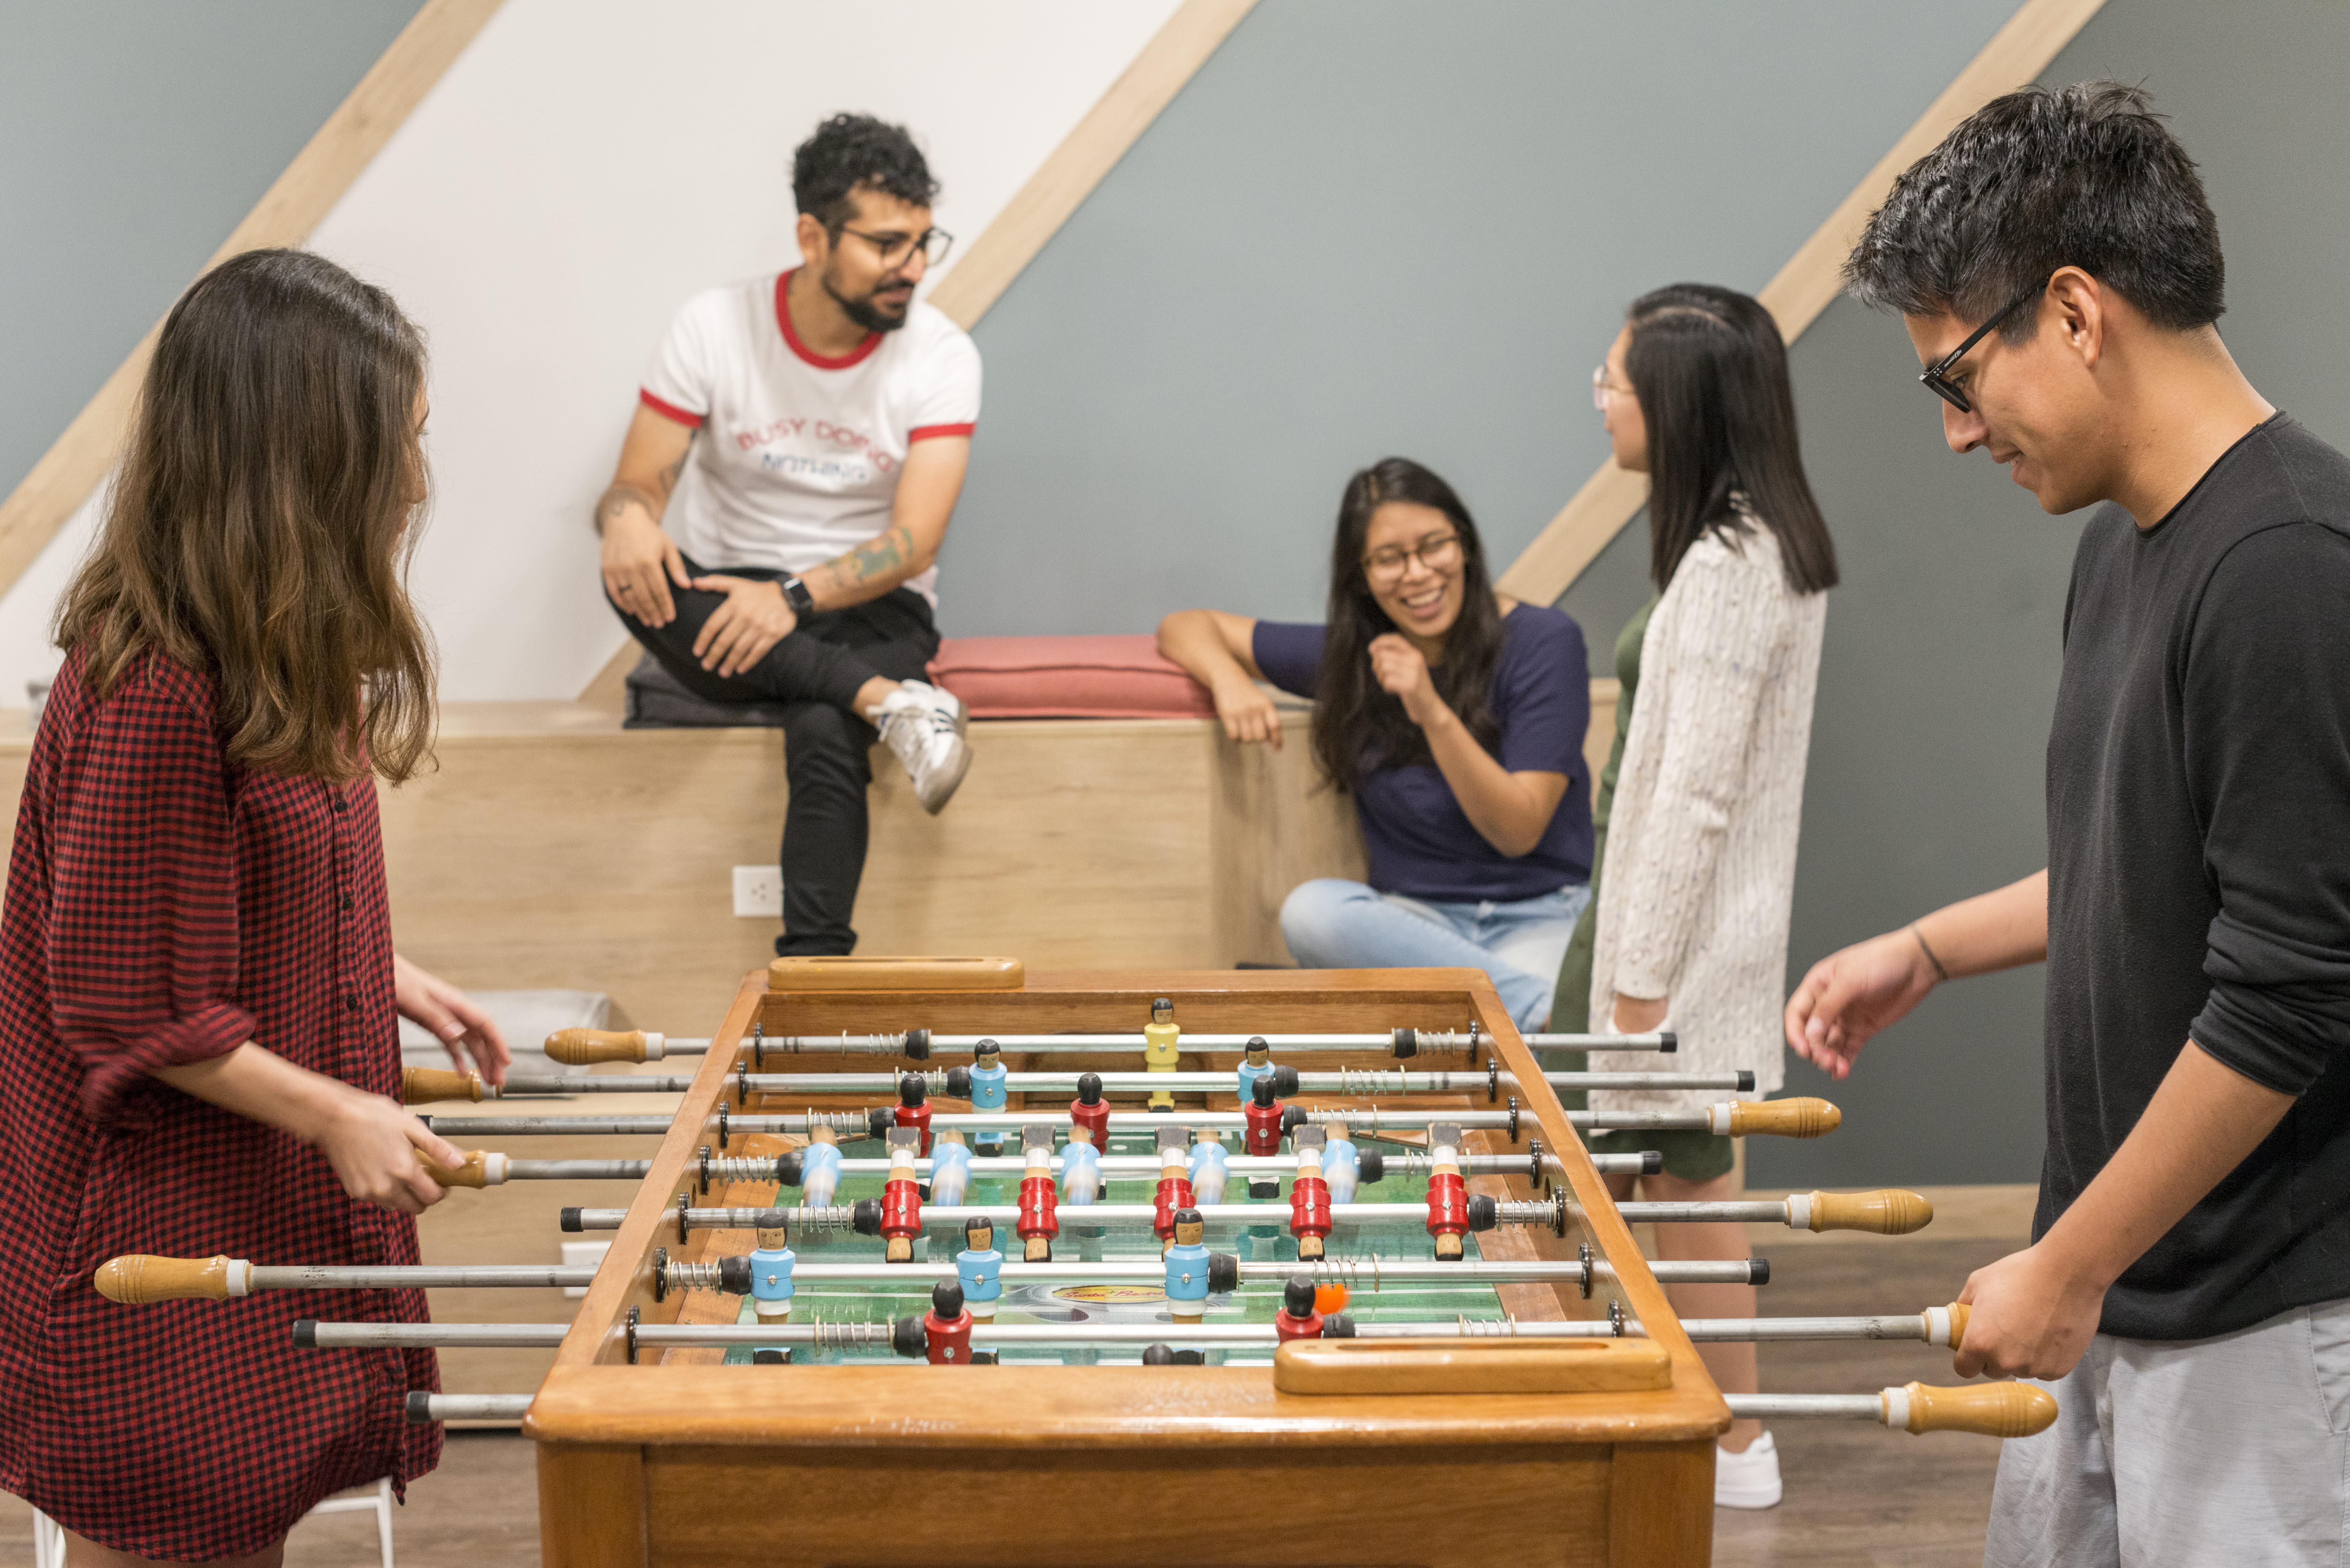 jovenes jugando futbolito de mesa en una sala de juegos de comunal